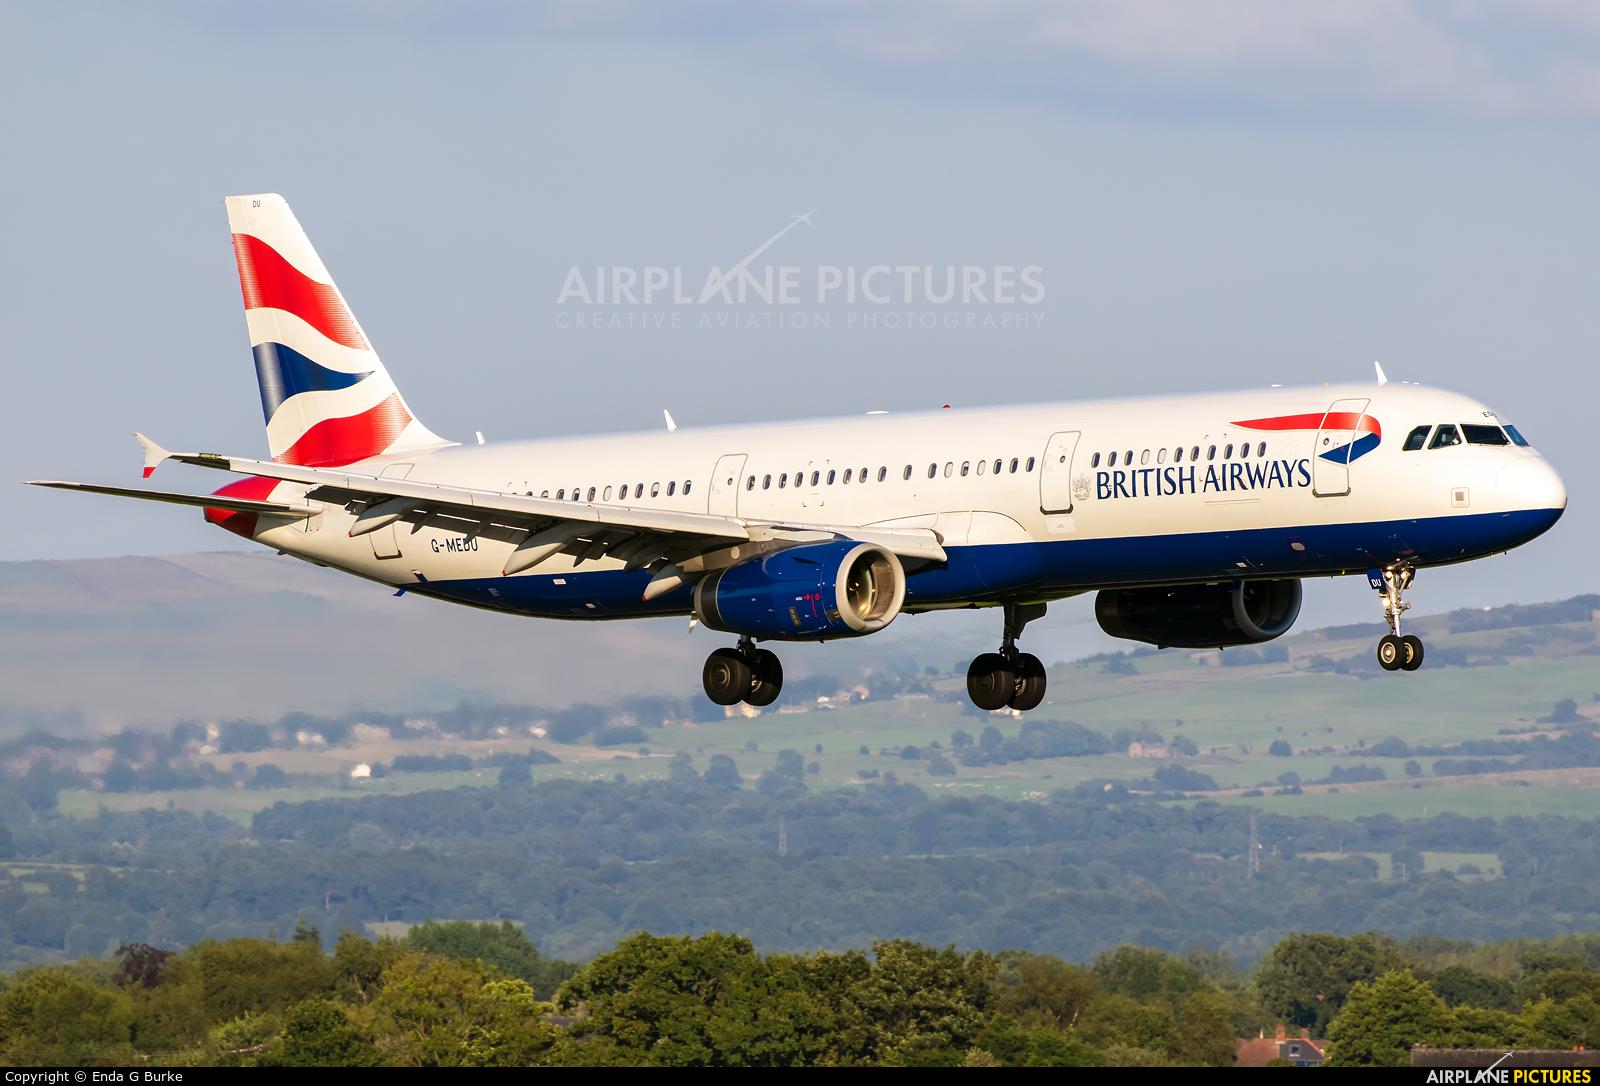 British Airways G-MEDU aircraft at Manchester